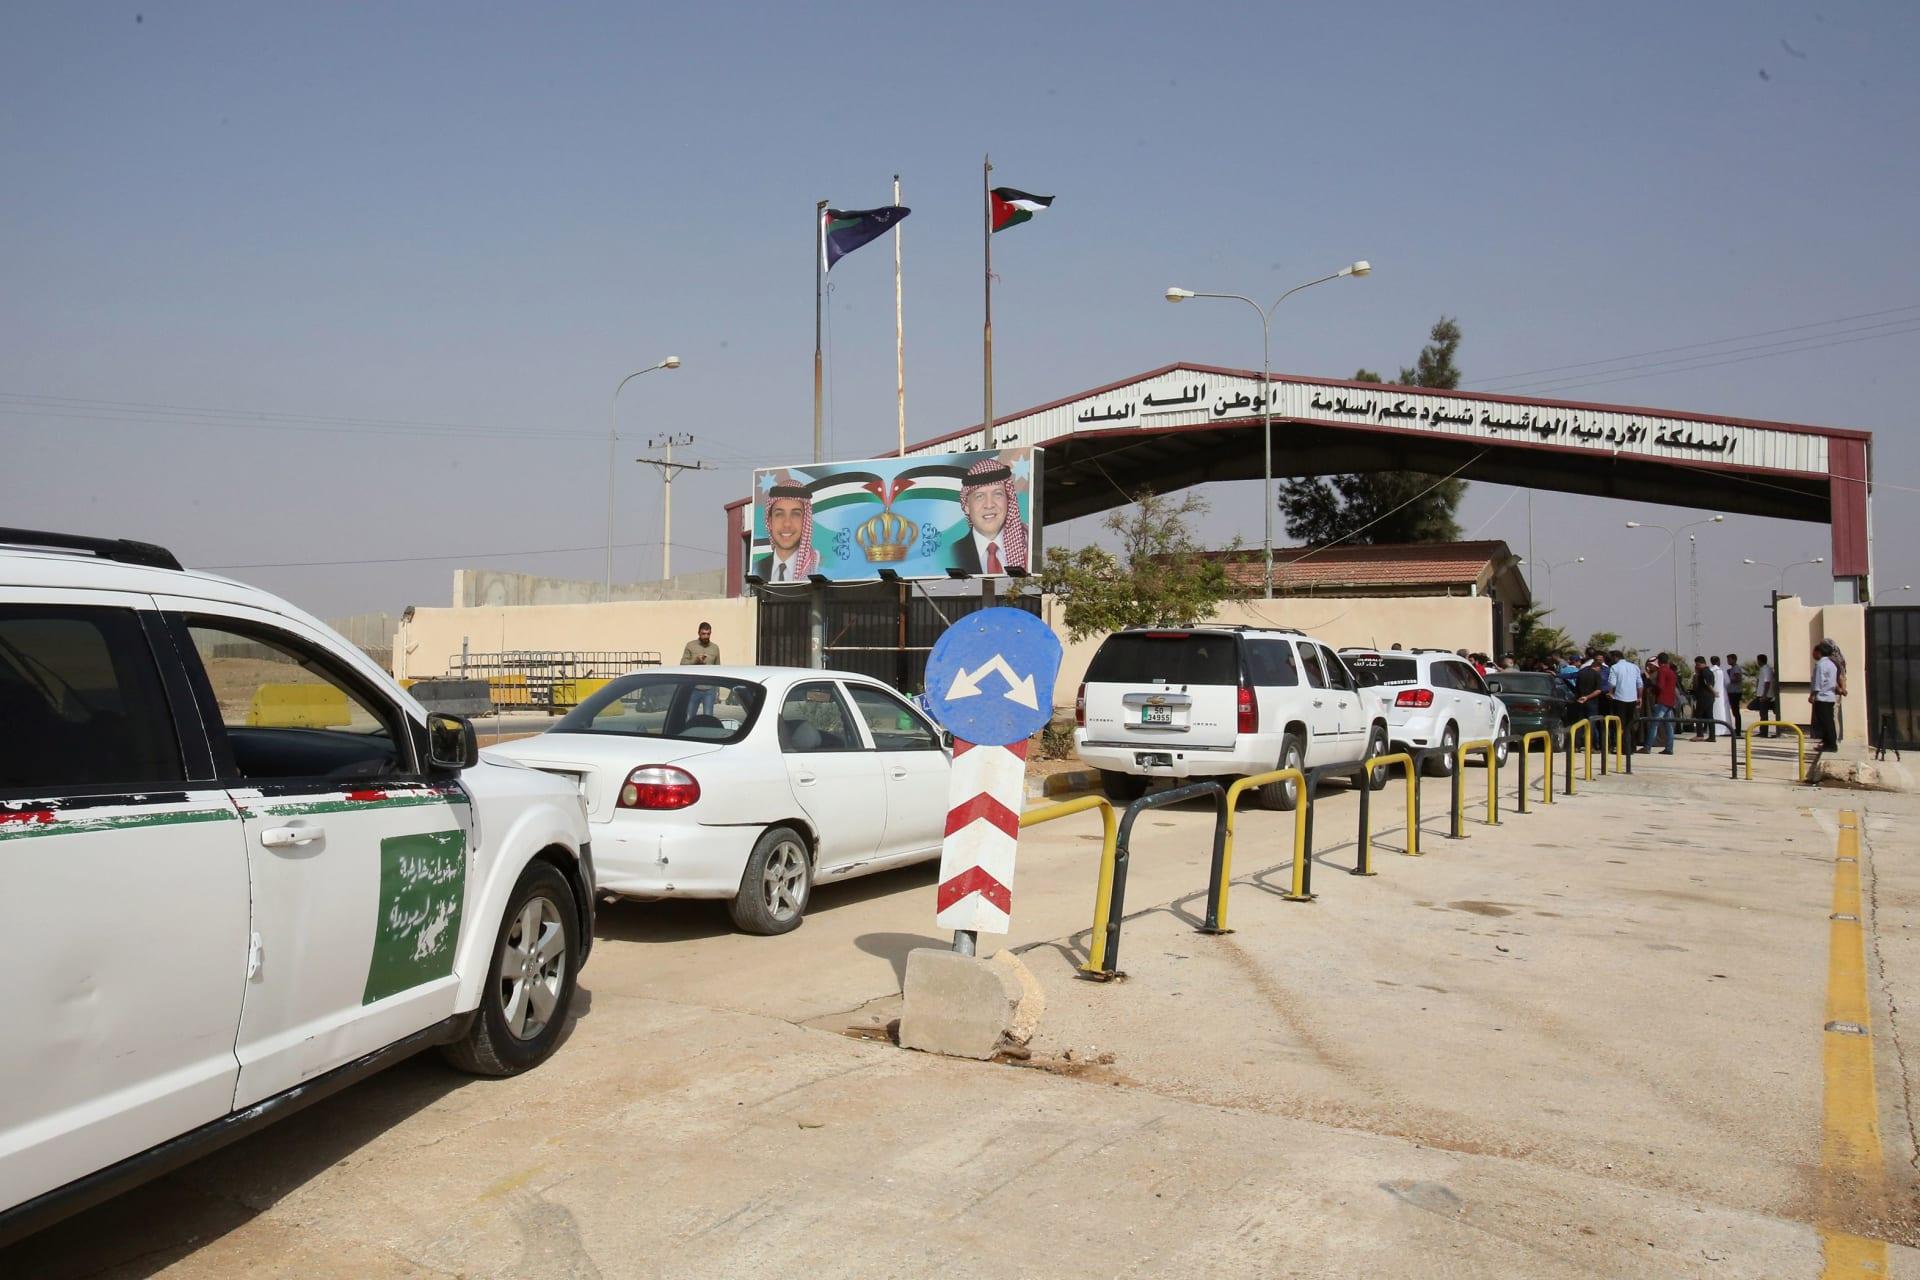 الأردن : انزعاج أردني من ملف المعتقلين في سوريا وغموض مصيرهم